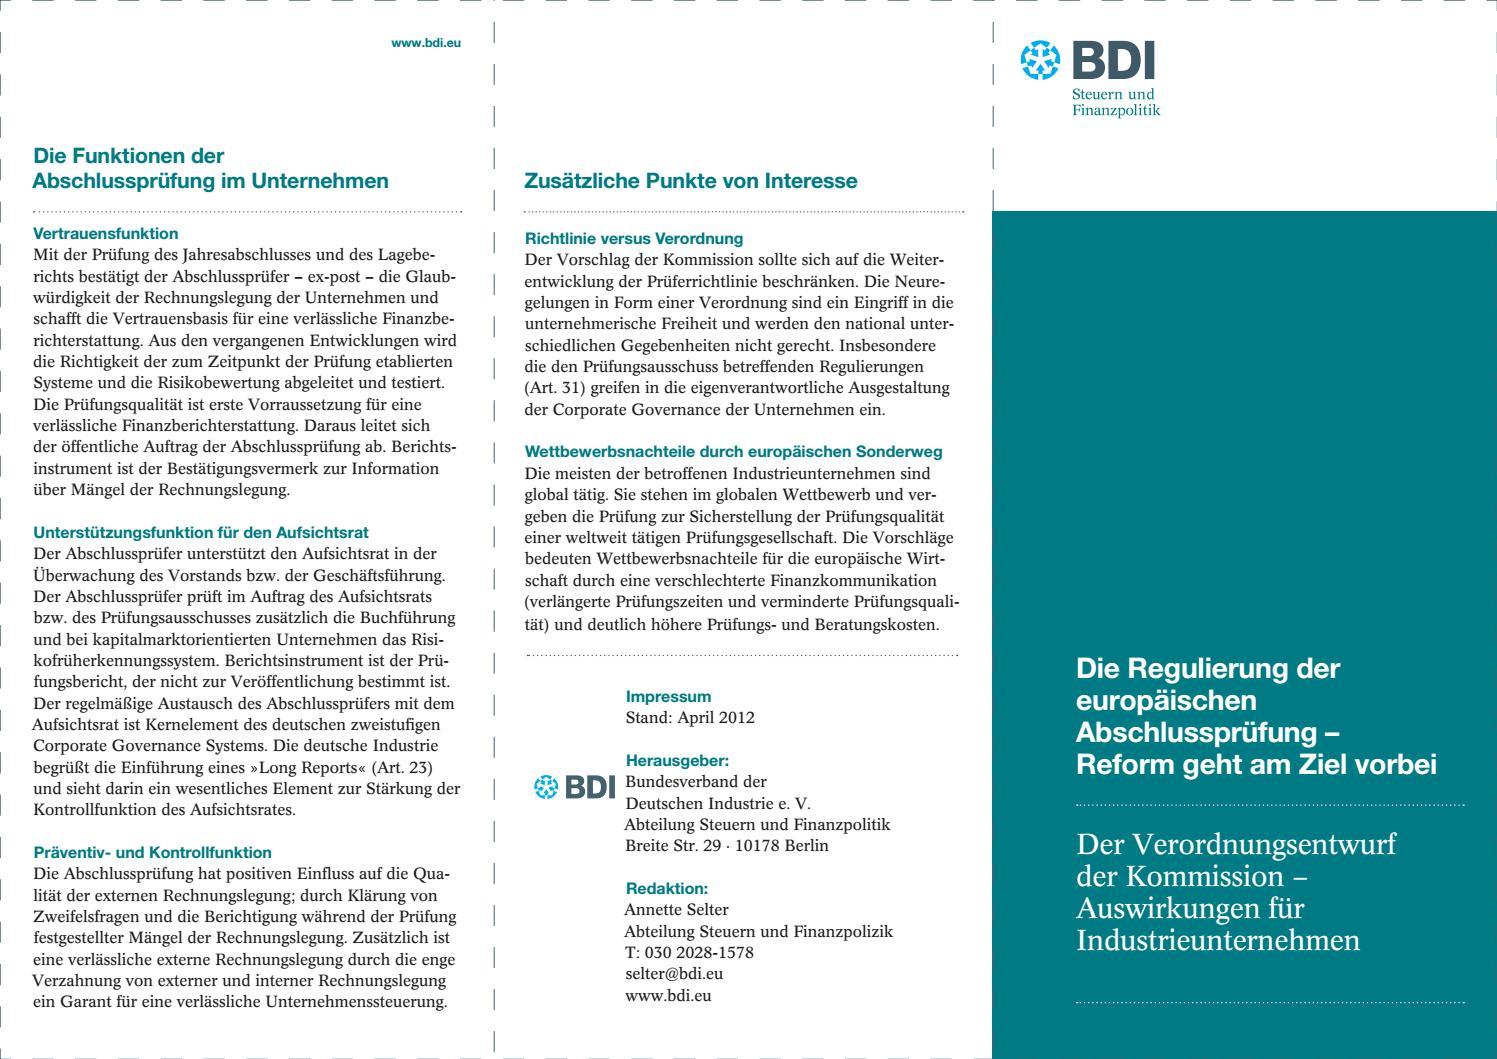 Die Regulierung Der Europäischen Abschlussprüfung By Bundesverband